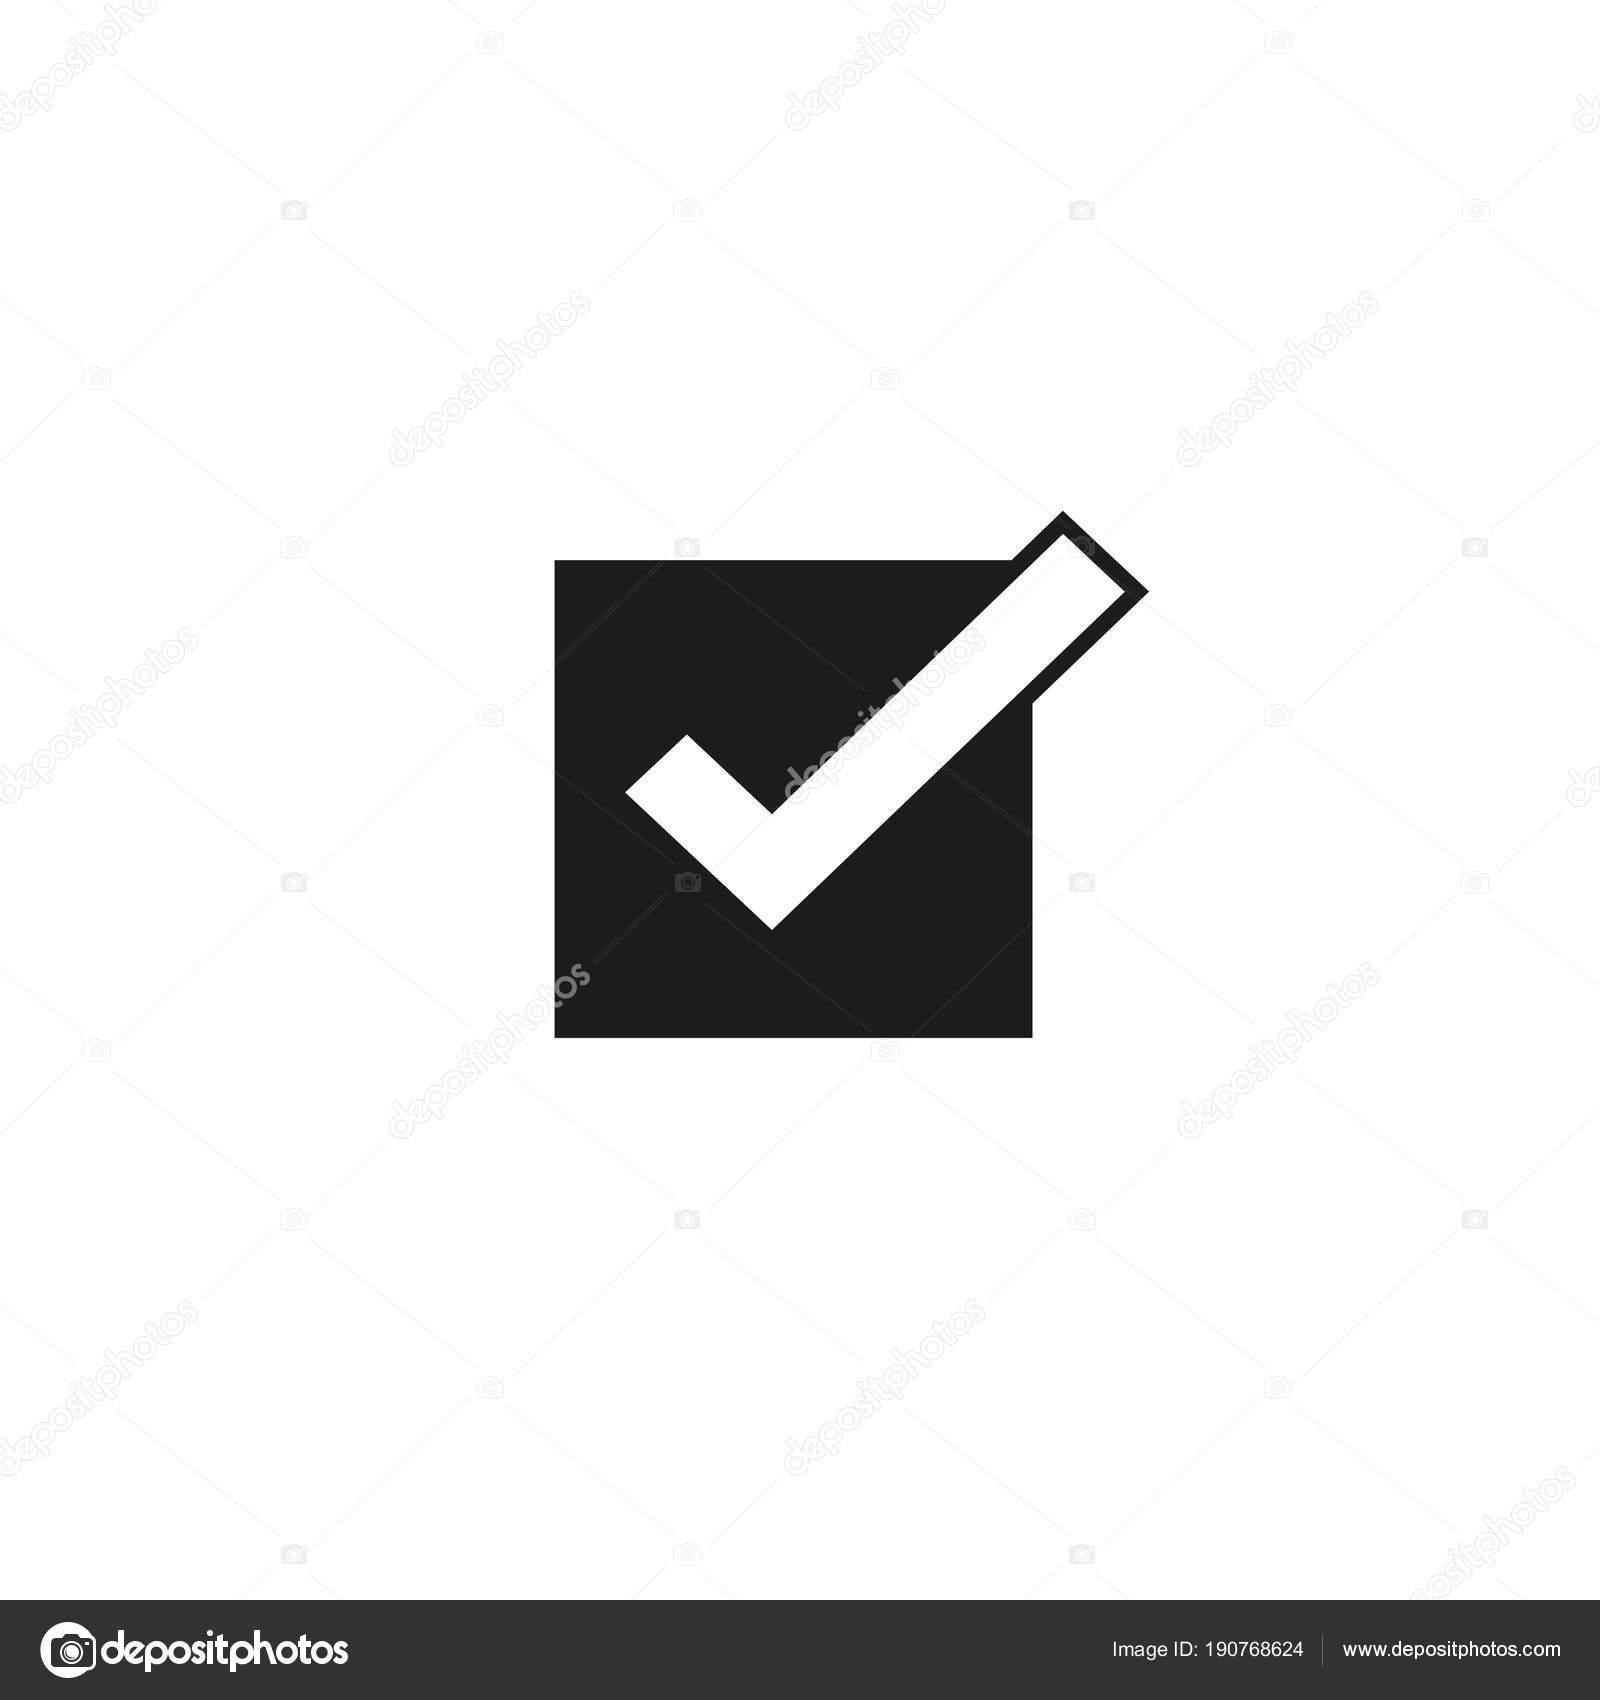 símbolo de carrapato ícone vector checkmark isolado verifiquei o